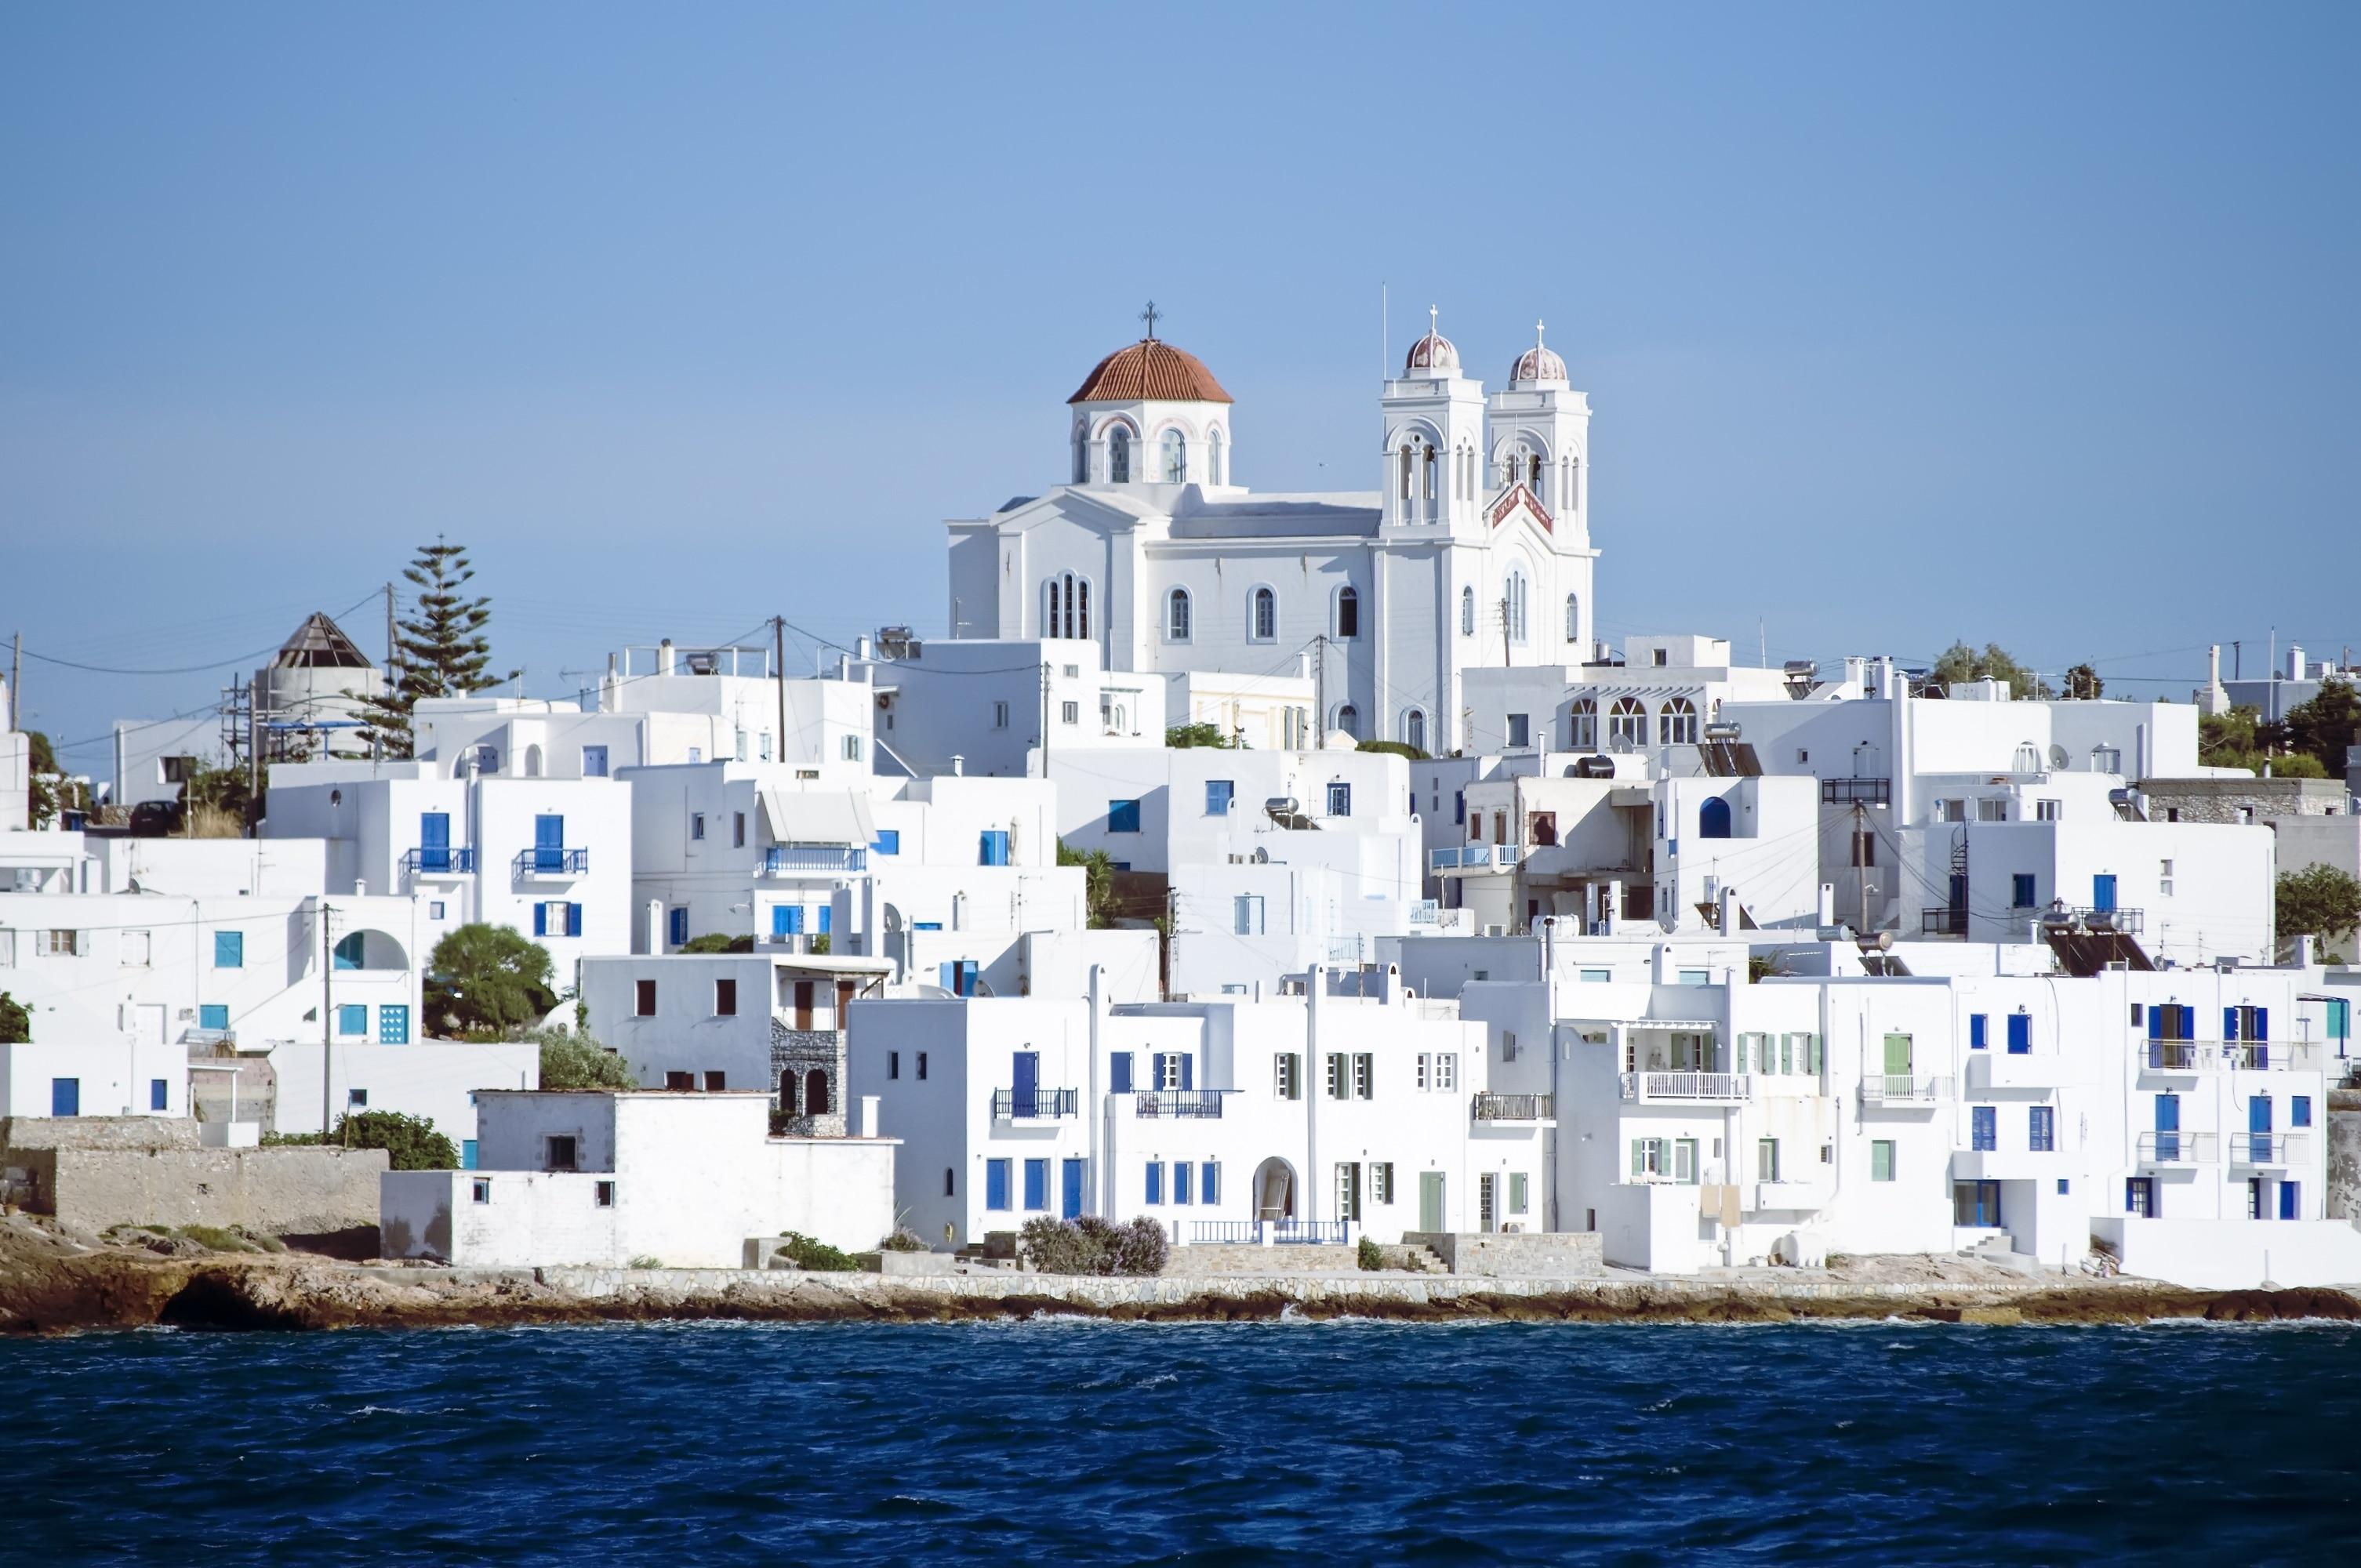 Naousa, Paros, South Aegean, Greece